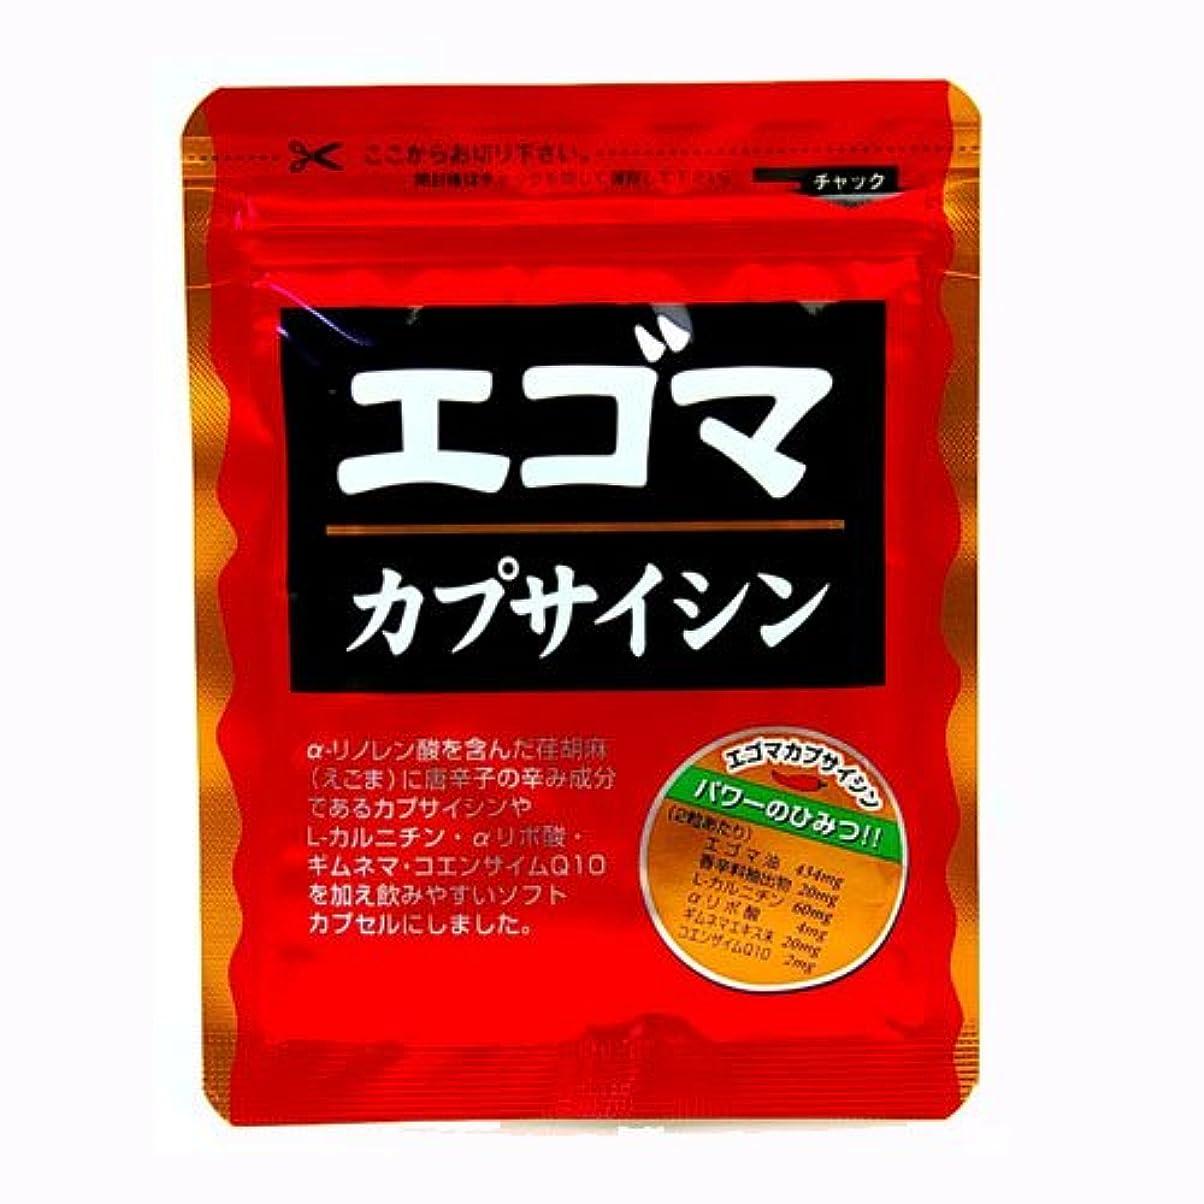 ブロンズ野菜期限エゴマカプサイシン 27.6g(460mgx60粒)